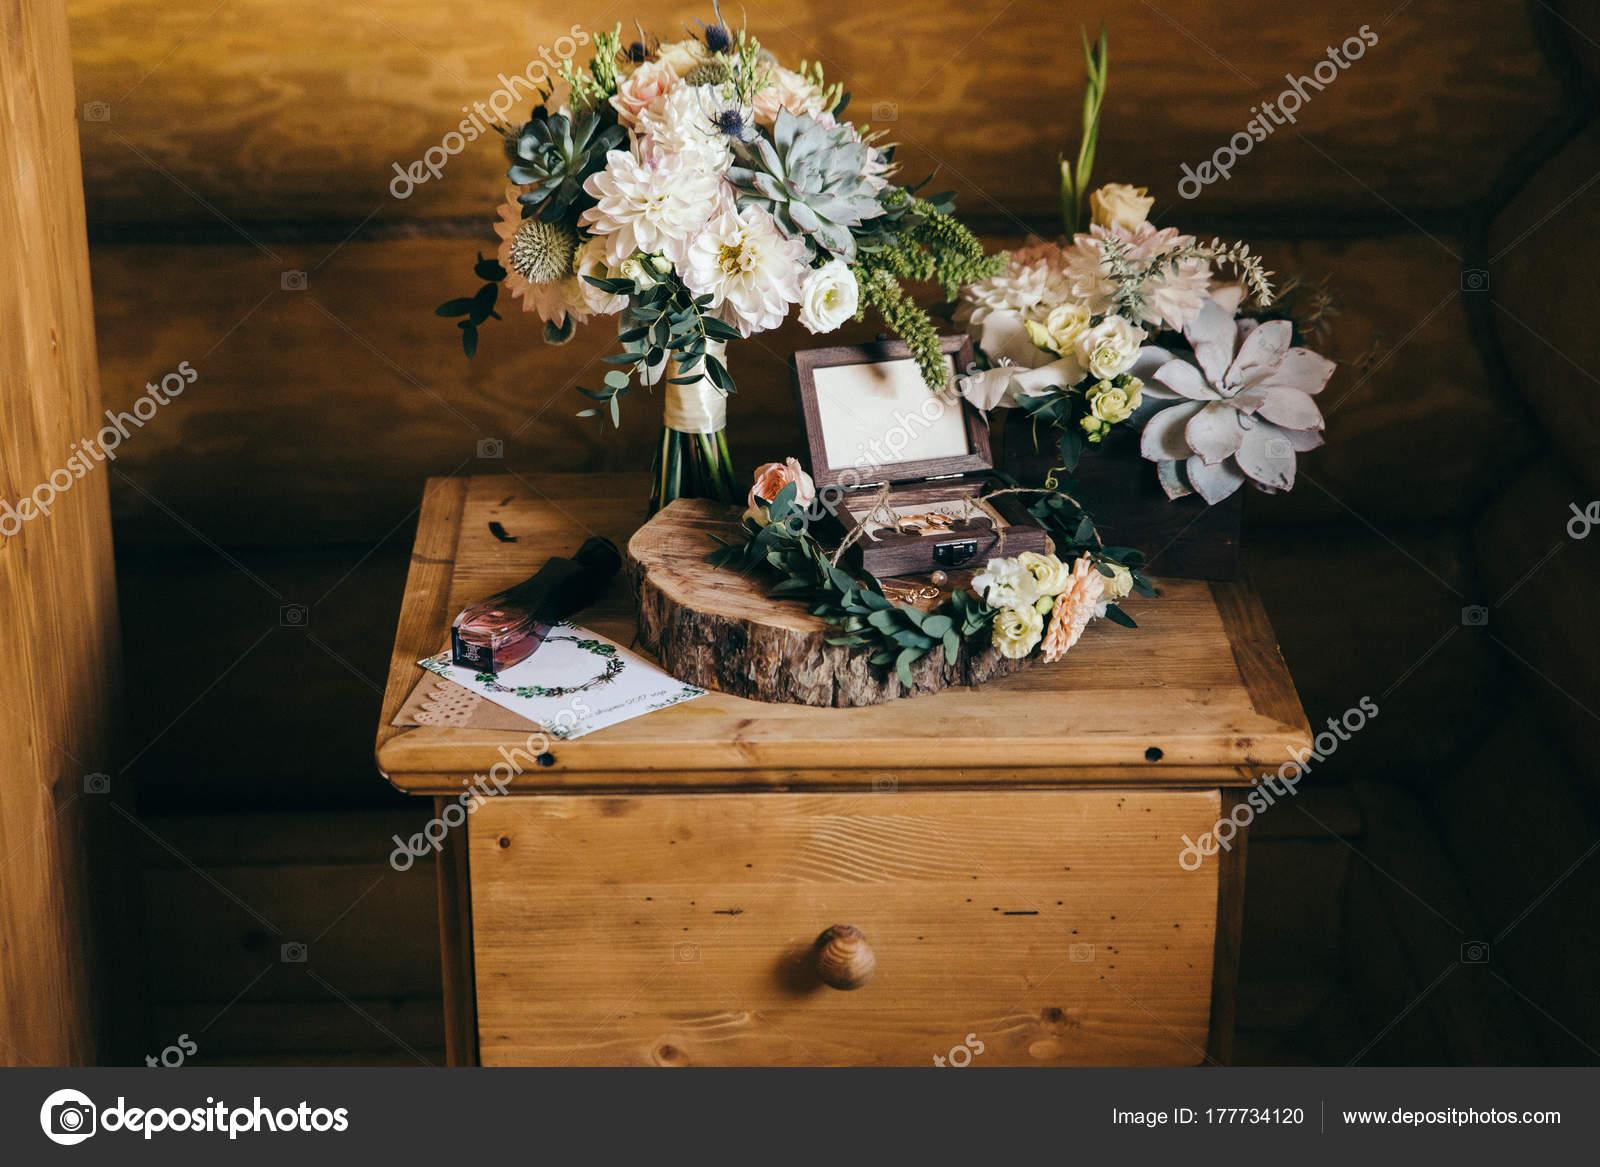 Case Stile Countryfoto : Composizione matrimonio con mazzo anelli stile country u foto